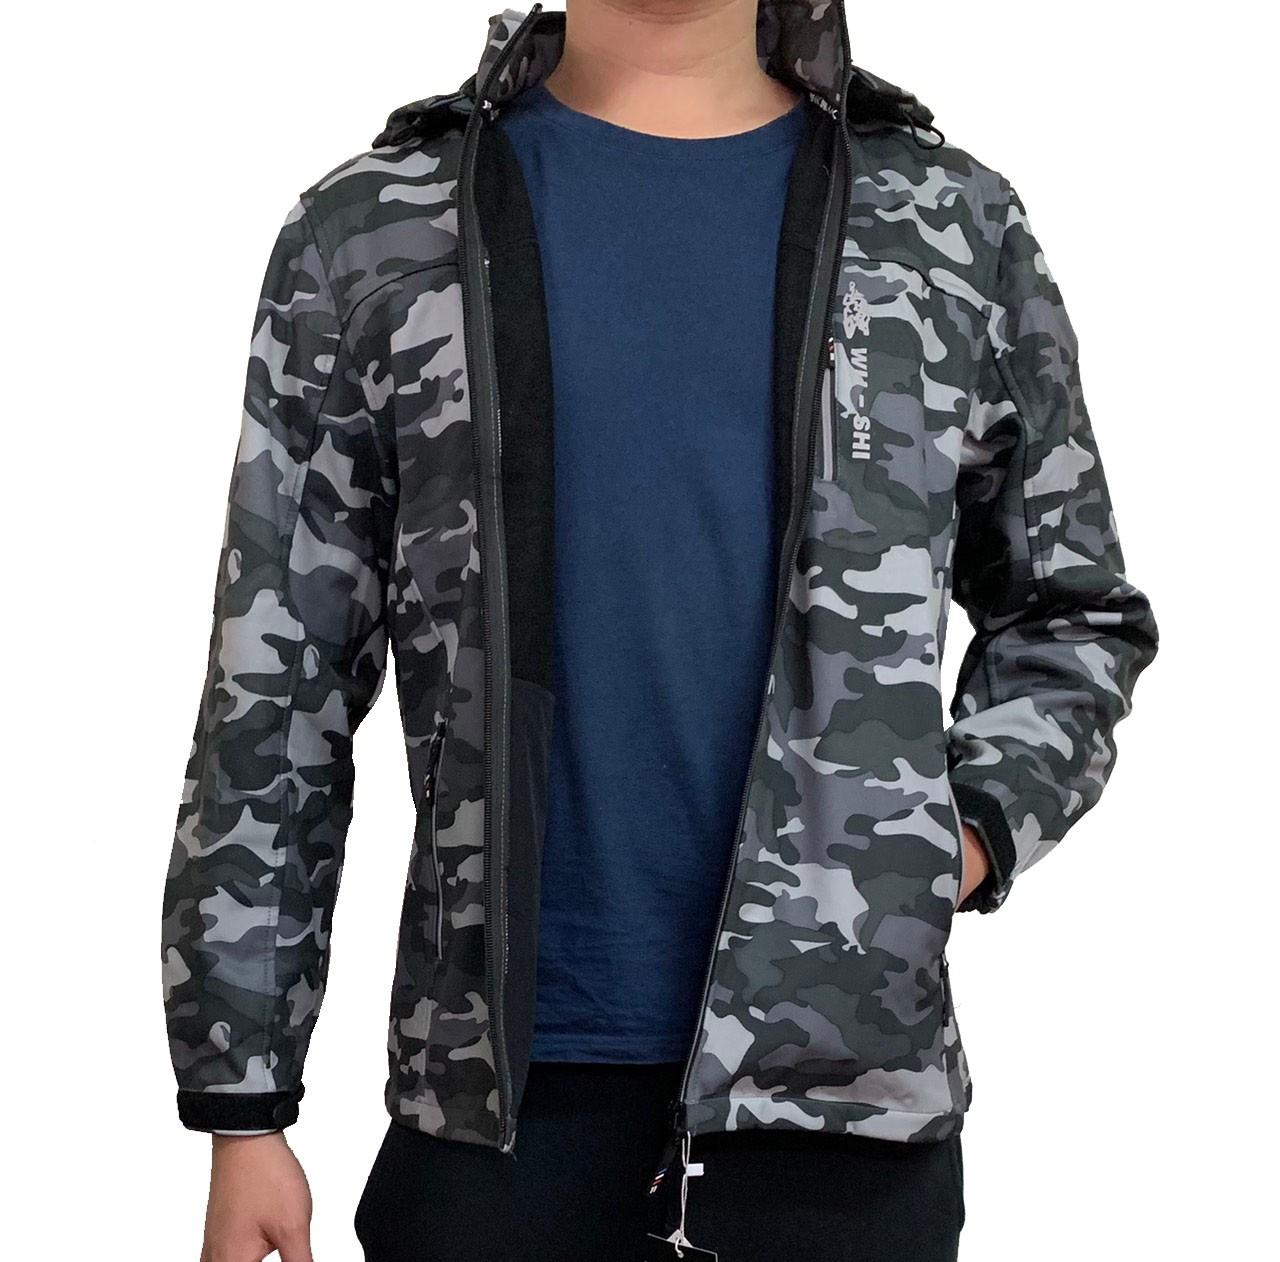 迷彩防風外套 男外套 防寒外套 保暖外套 機能外套 軍裝風外套